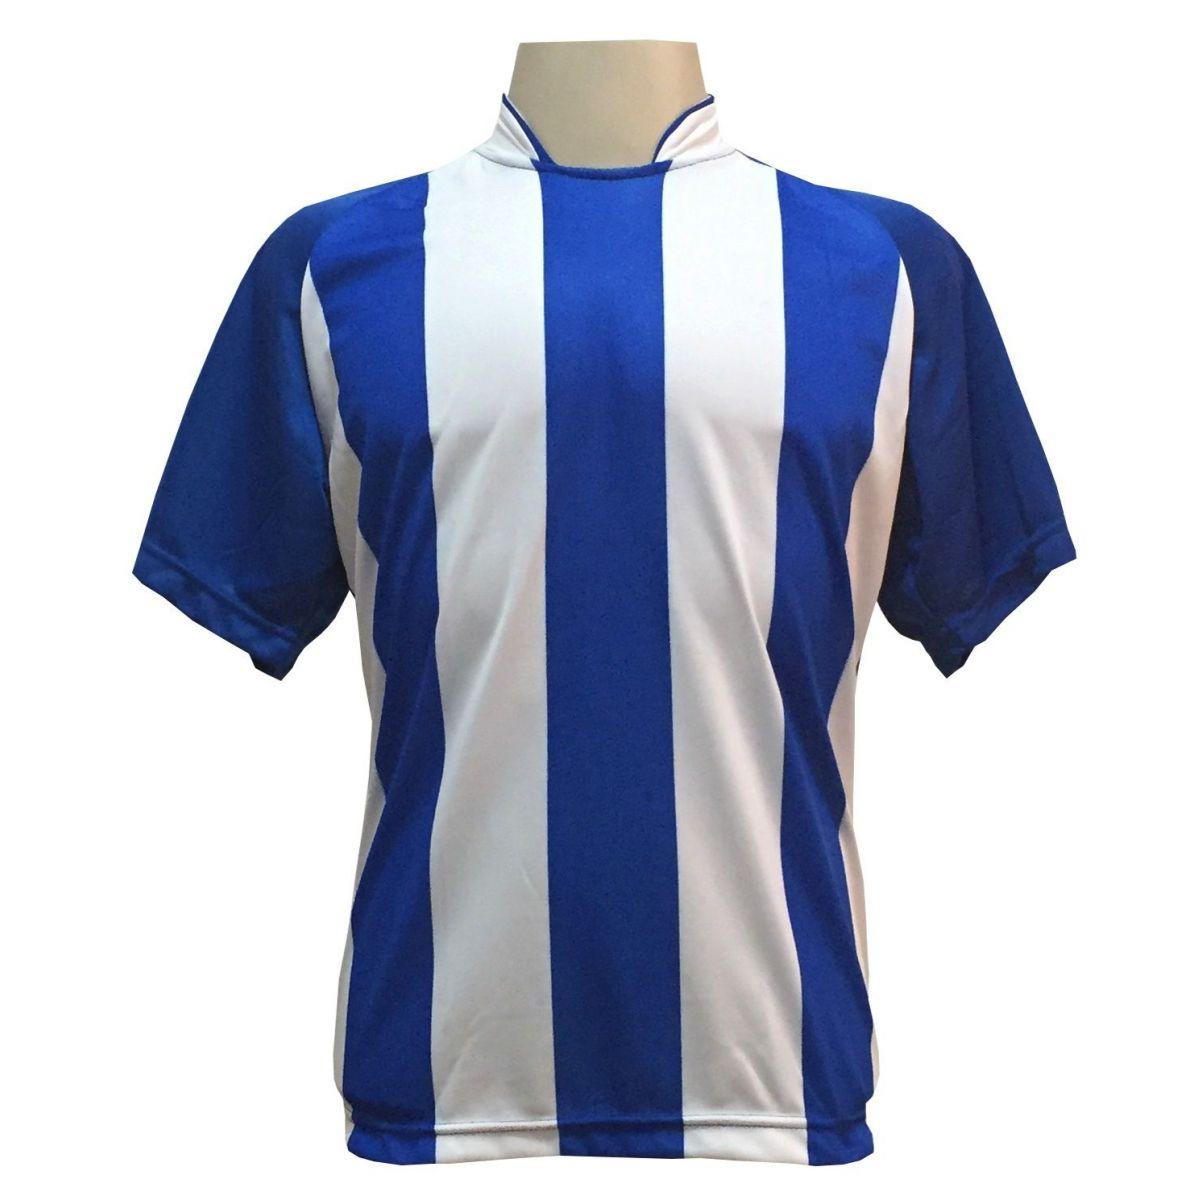 Jogo de Camisa com 18 unidades modelo Milan Royal/Branco  - ESTAÇÃO DO ESPORTE